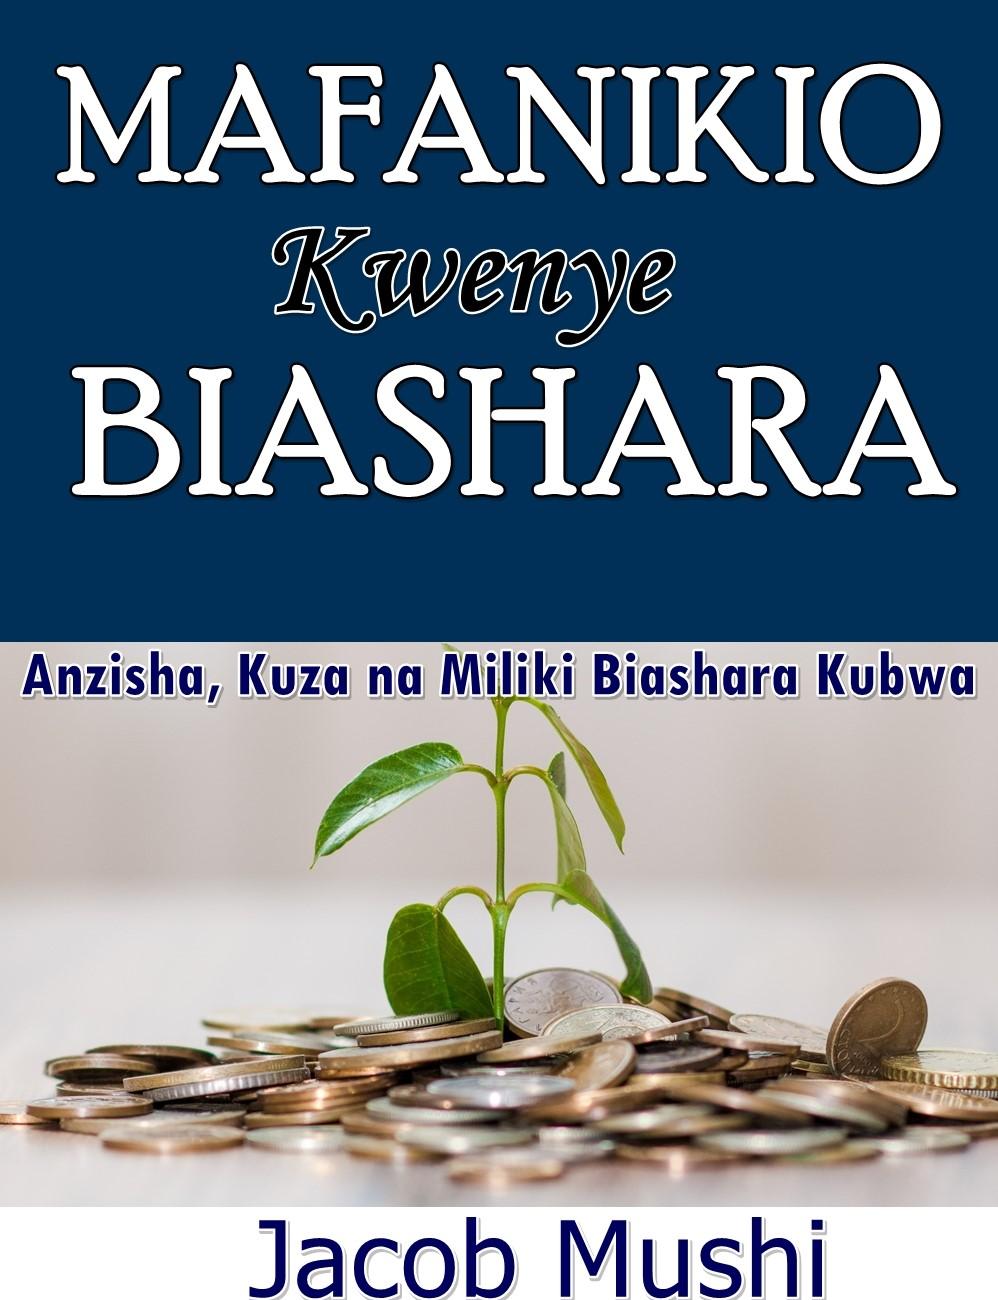 Mafanikio Kwenye Biashara